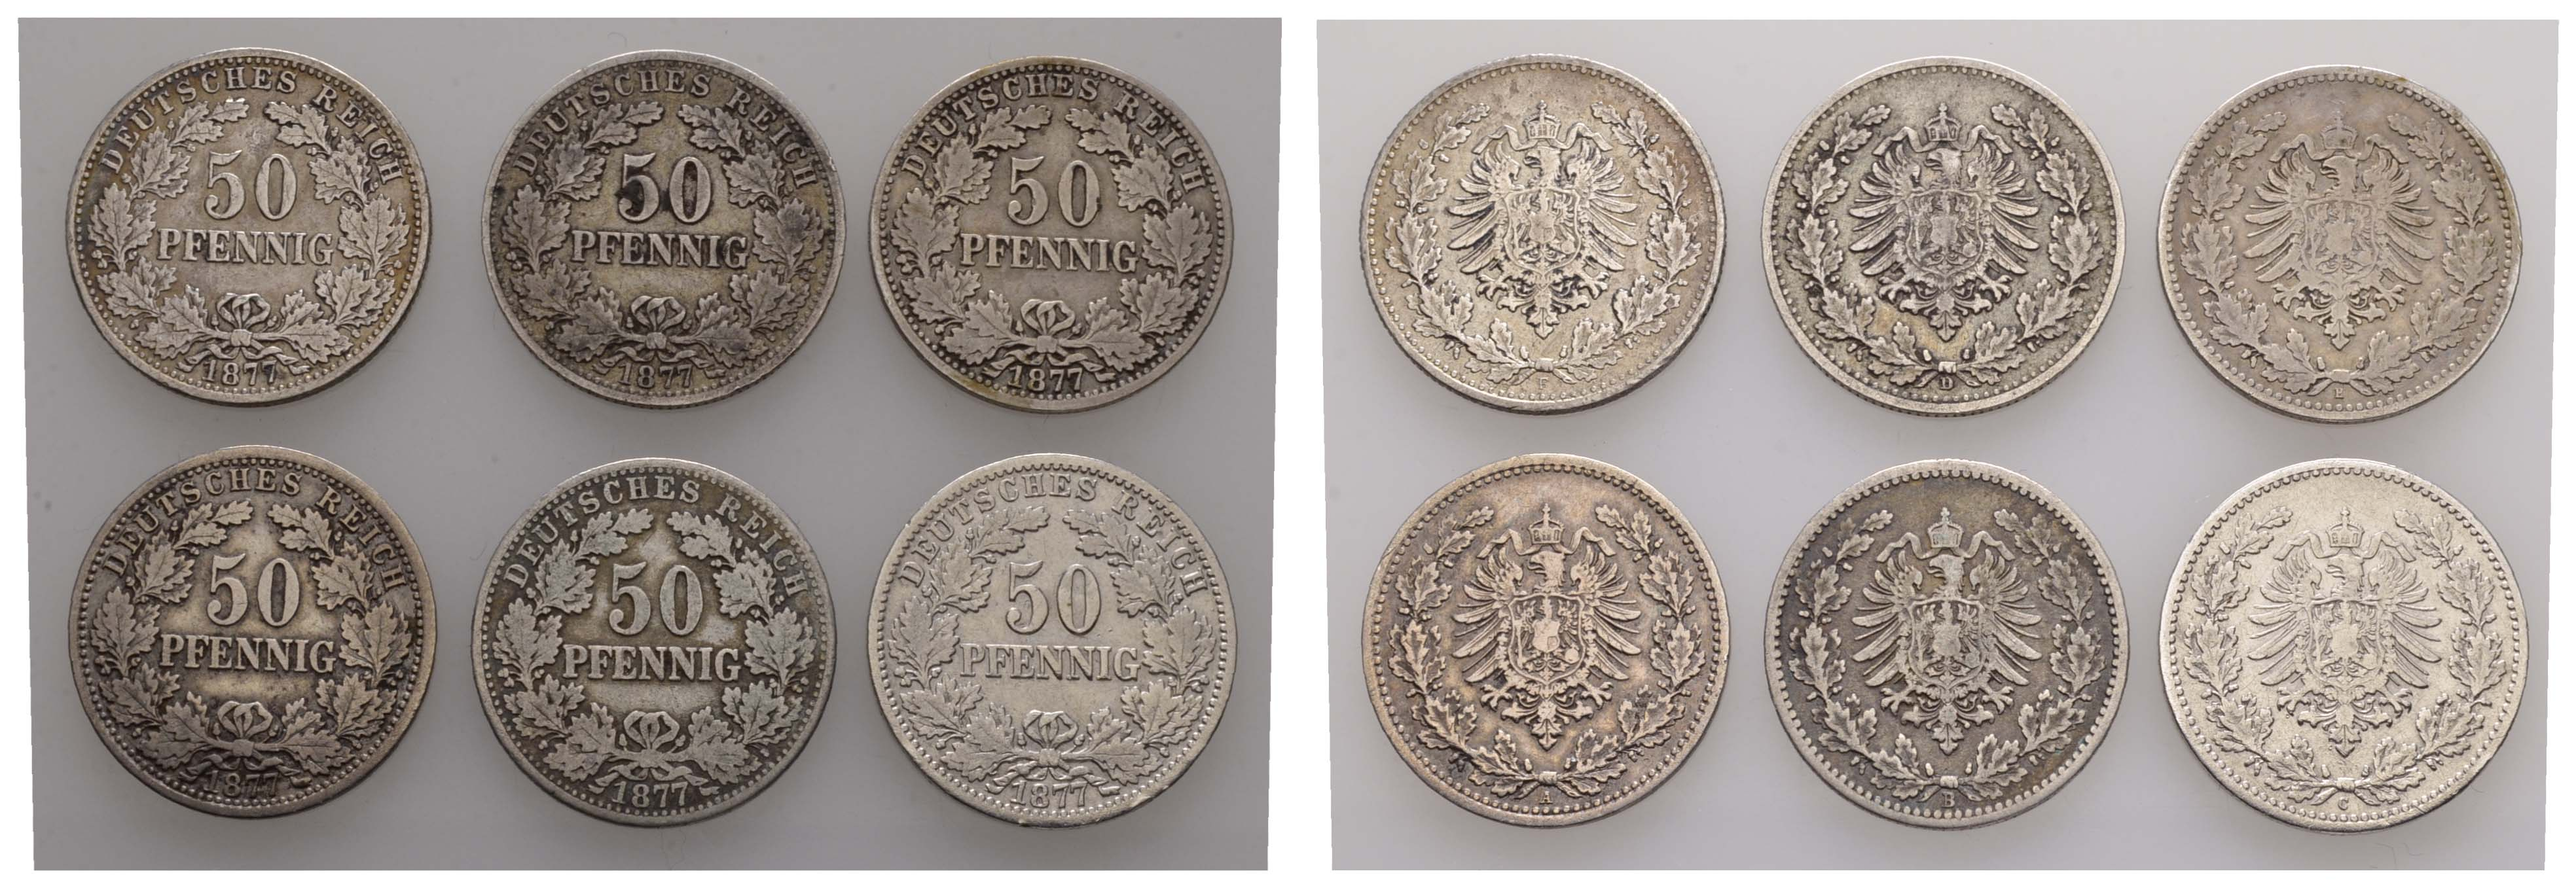 Lot 632 - deutschland Kaiserreich Silbermünzen - Kursmünzen -  Auktionshaus Ulrich Felzmann GmbH & Co. KG Coins single lots